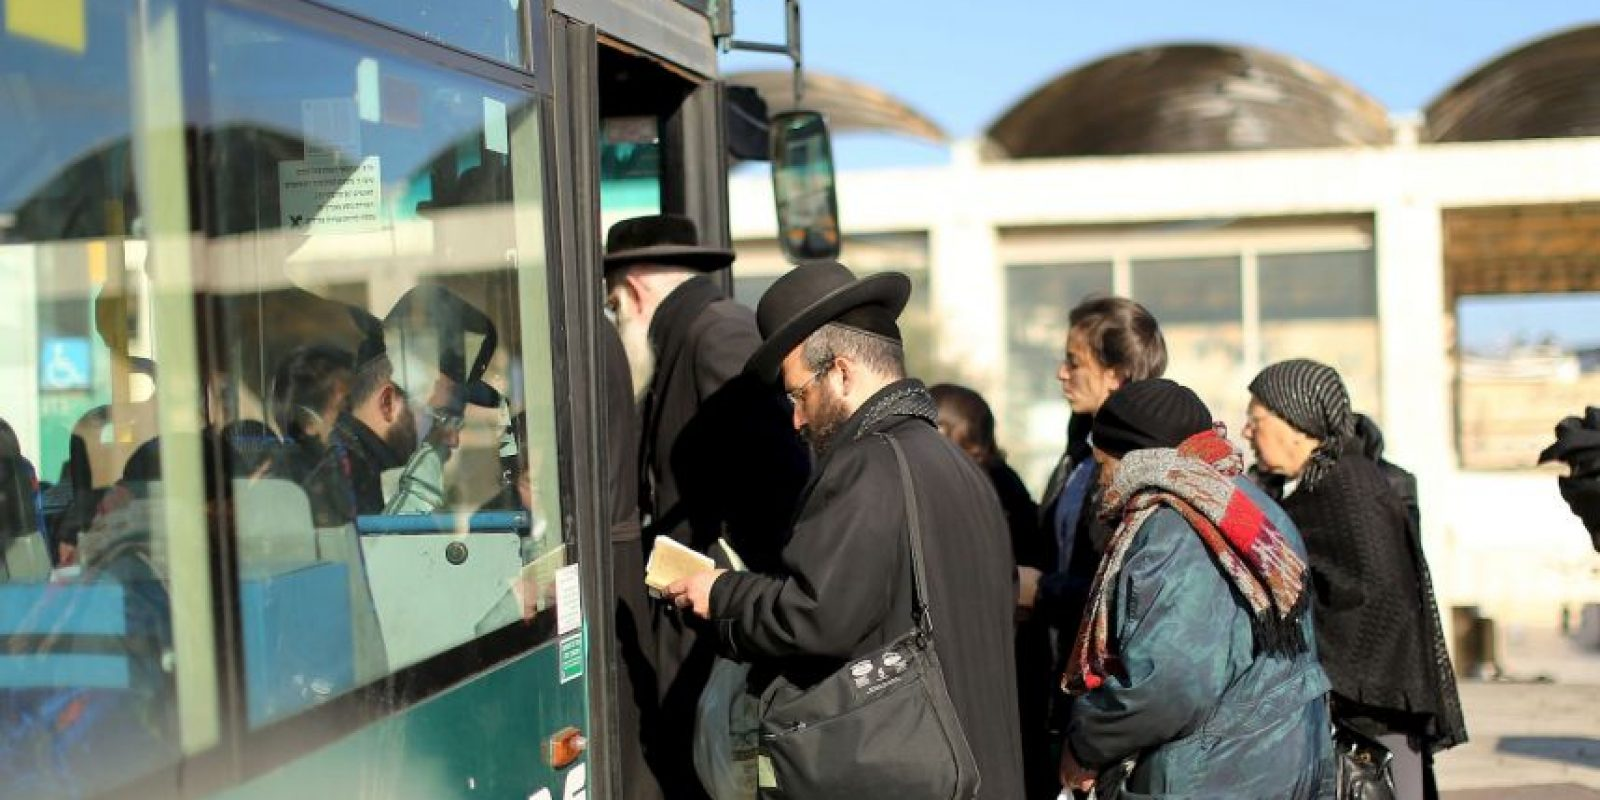 Mientras esperaba por su autobús no vio nada sospechoso. Foto:Getty Images